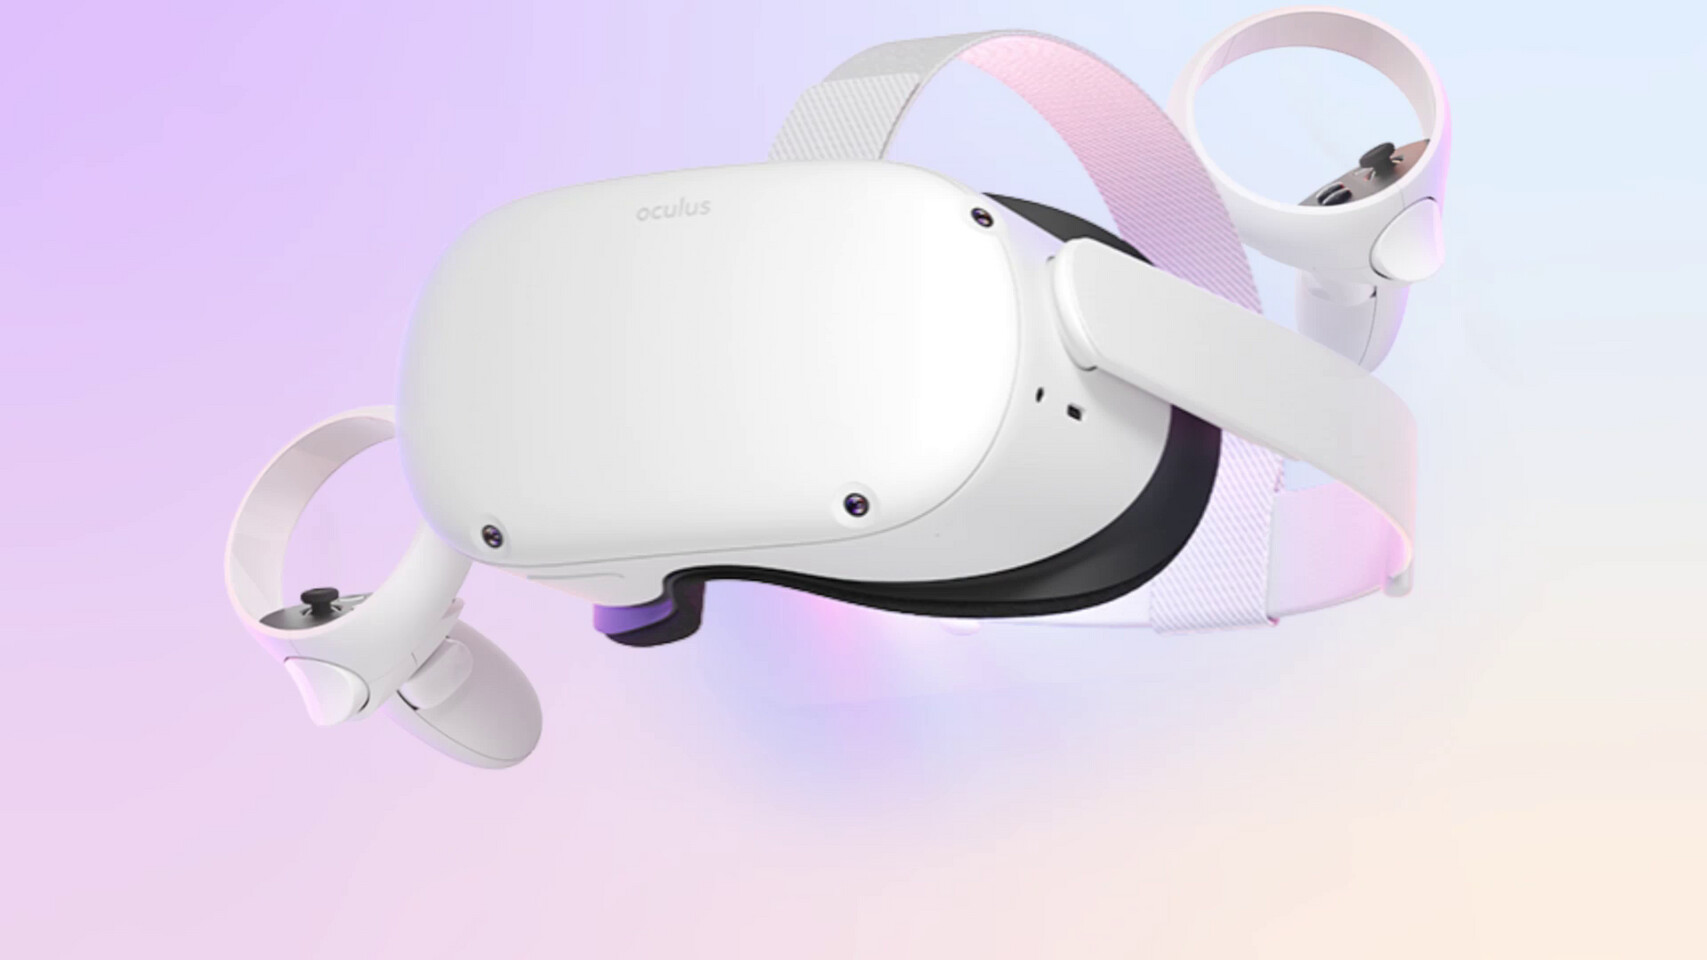 توقف فروش هدست واقعیت مجازی Oculus Quest 2 به دلیل گزارش مشکلات پوستی!